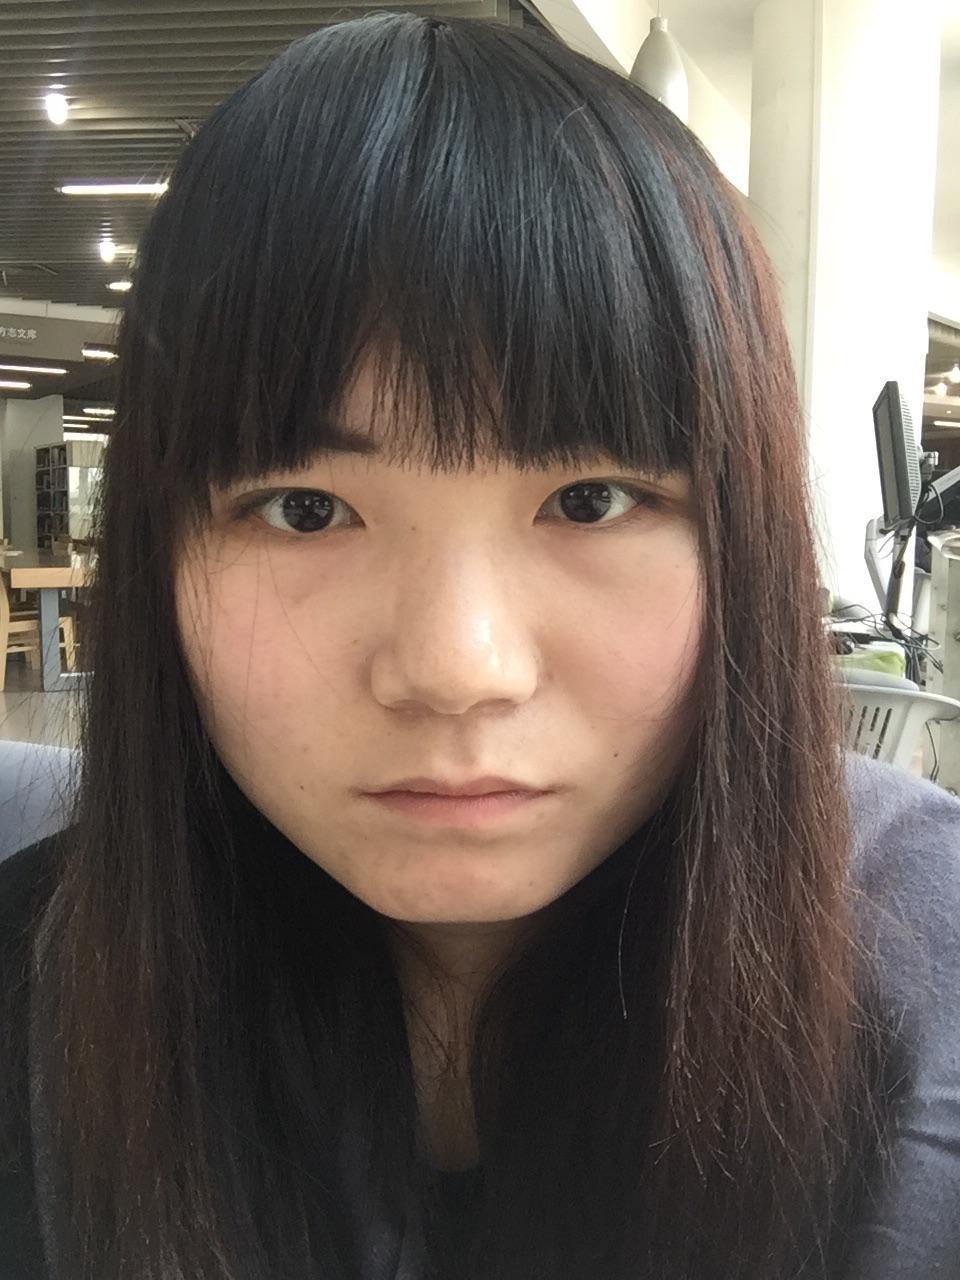 重64kg,26岁,长期熬夜,皮肤明显,体重下垂,现在眼袋v皮肤率肥图片